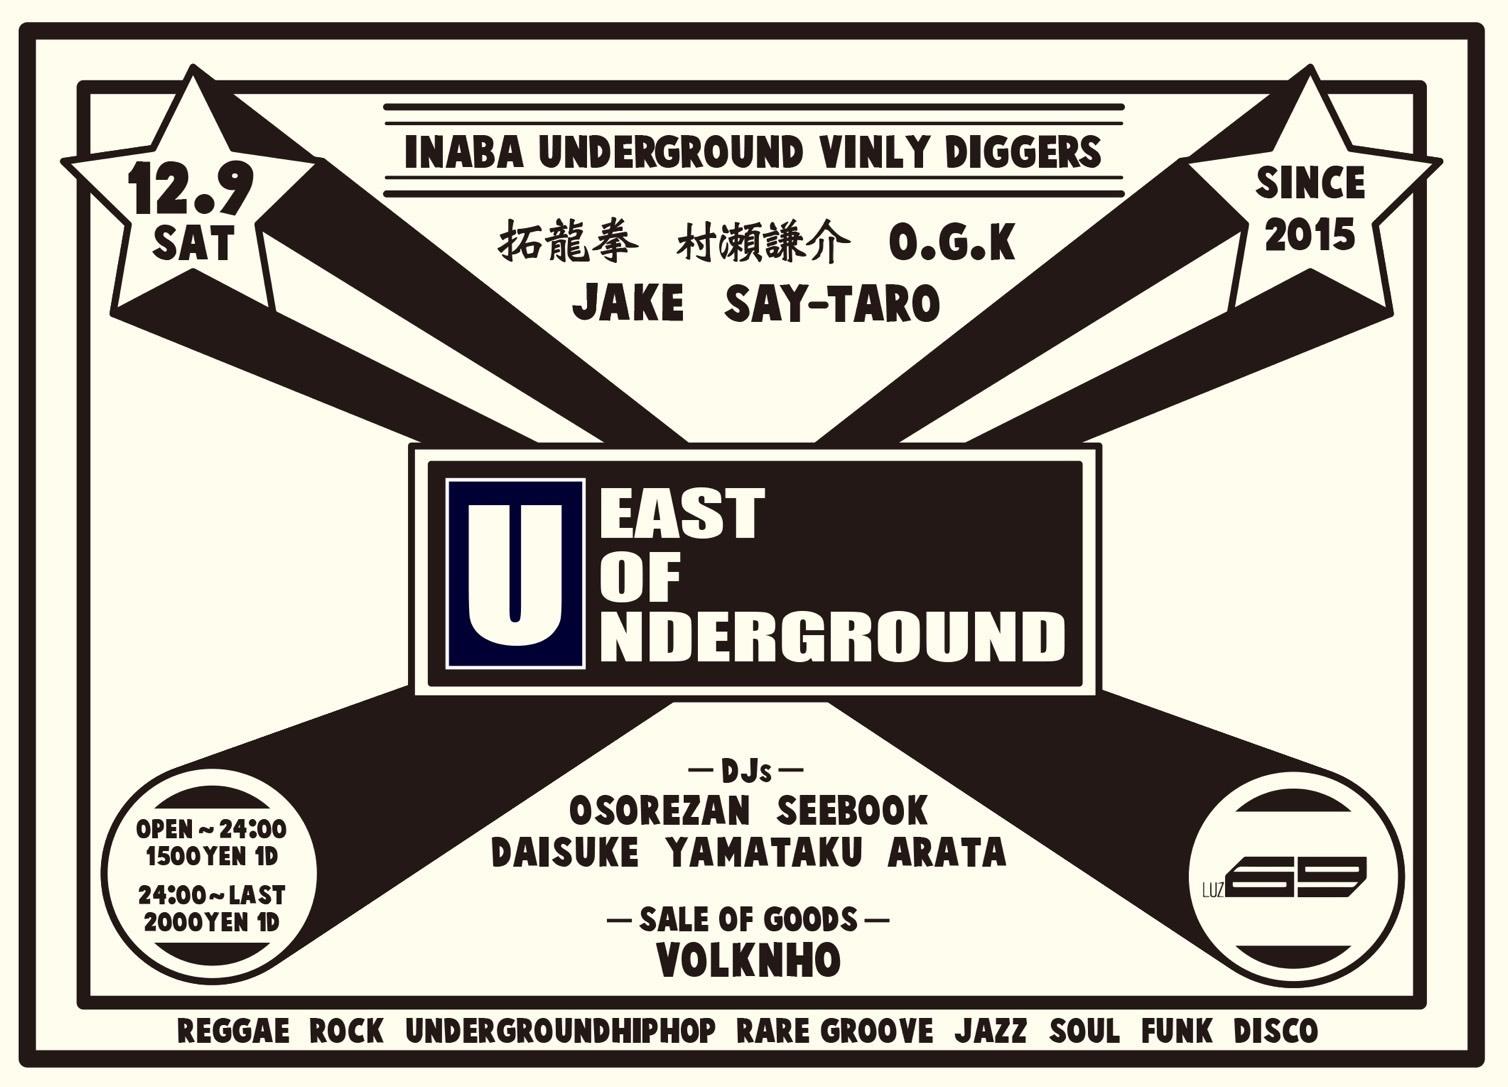 EAST OF UNDERGROUND (2k17.12.9 @LUZ69)  レポ_e0115904_07020665.jpg